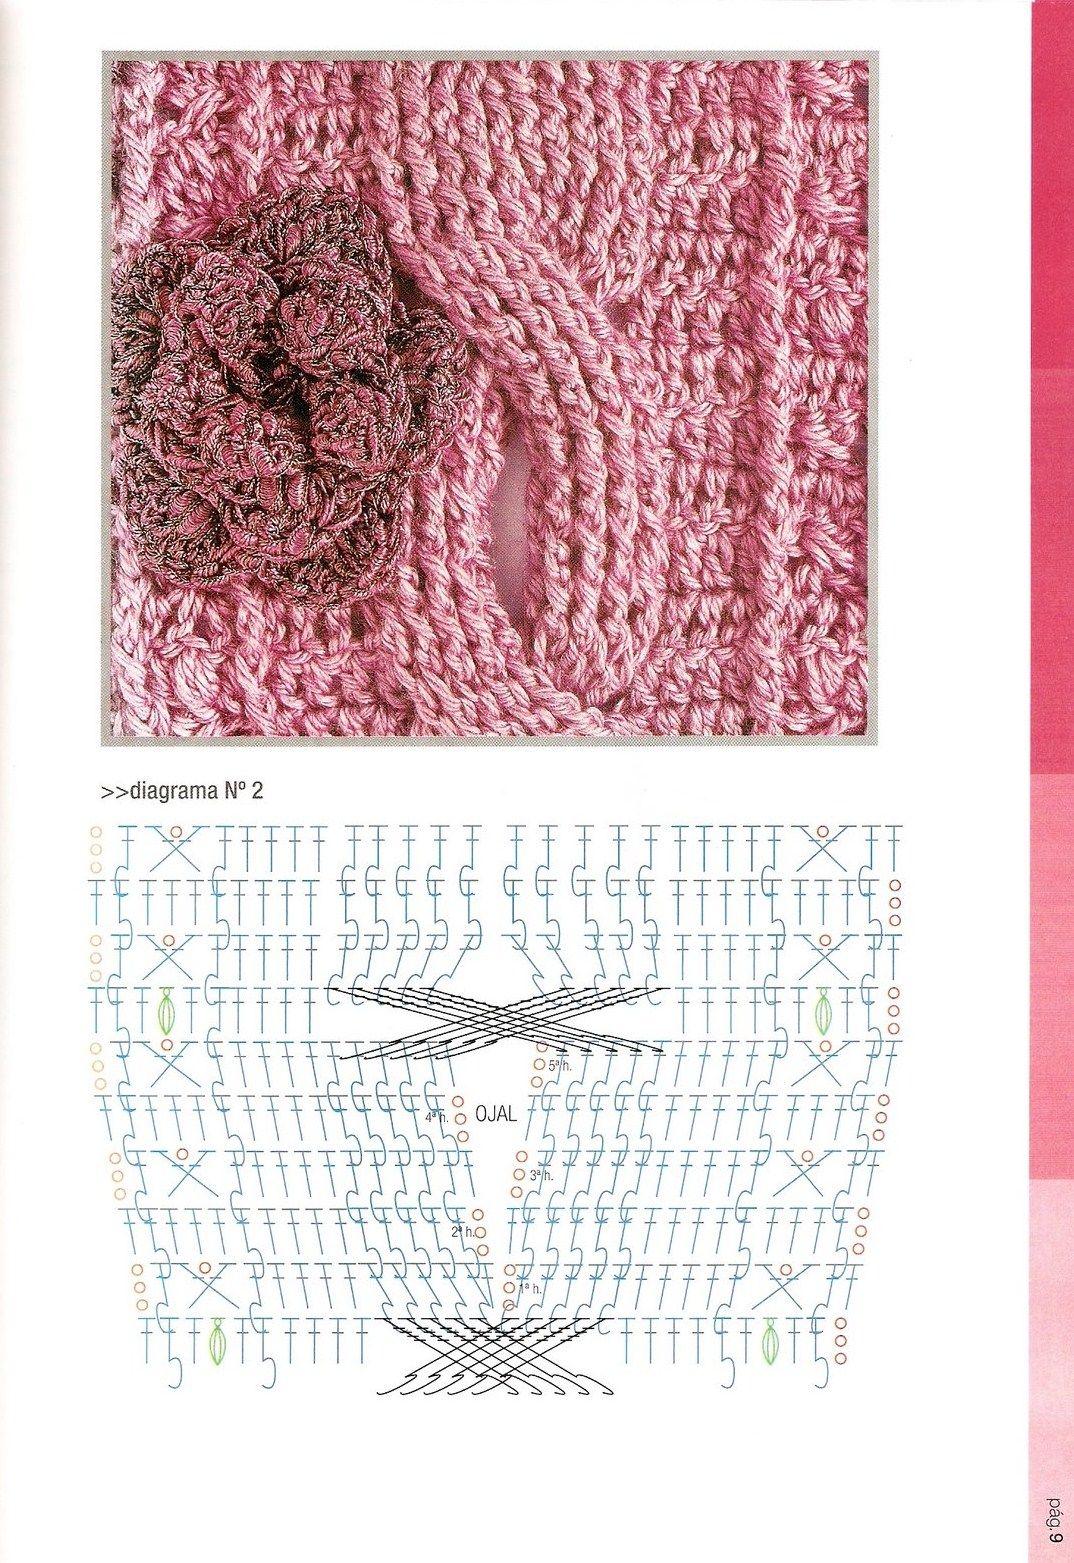 Gráficos e Receitas - Crochê E aqui o primeiro gráfico para vocês ...